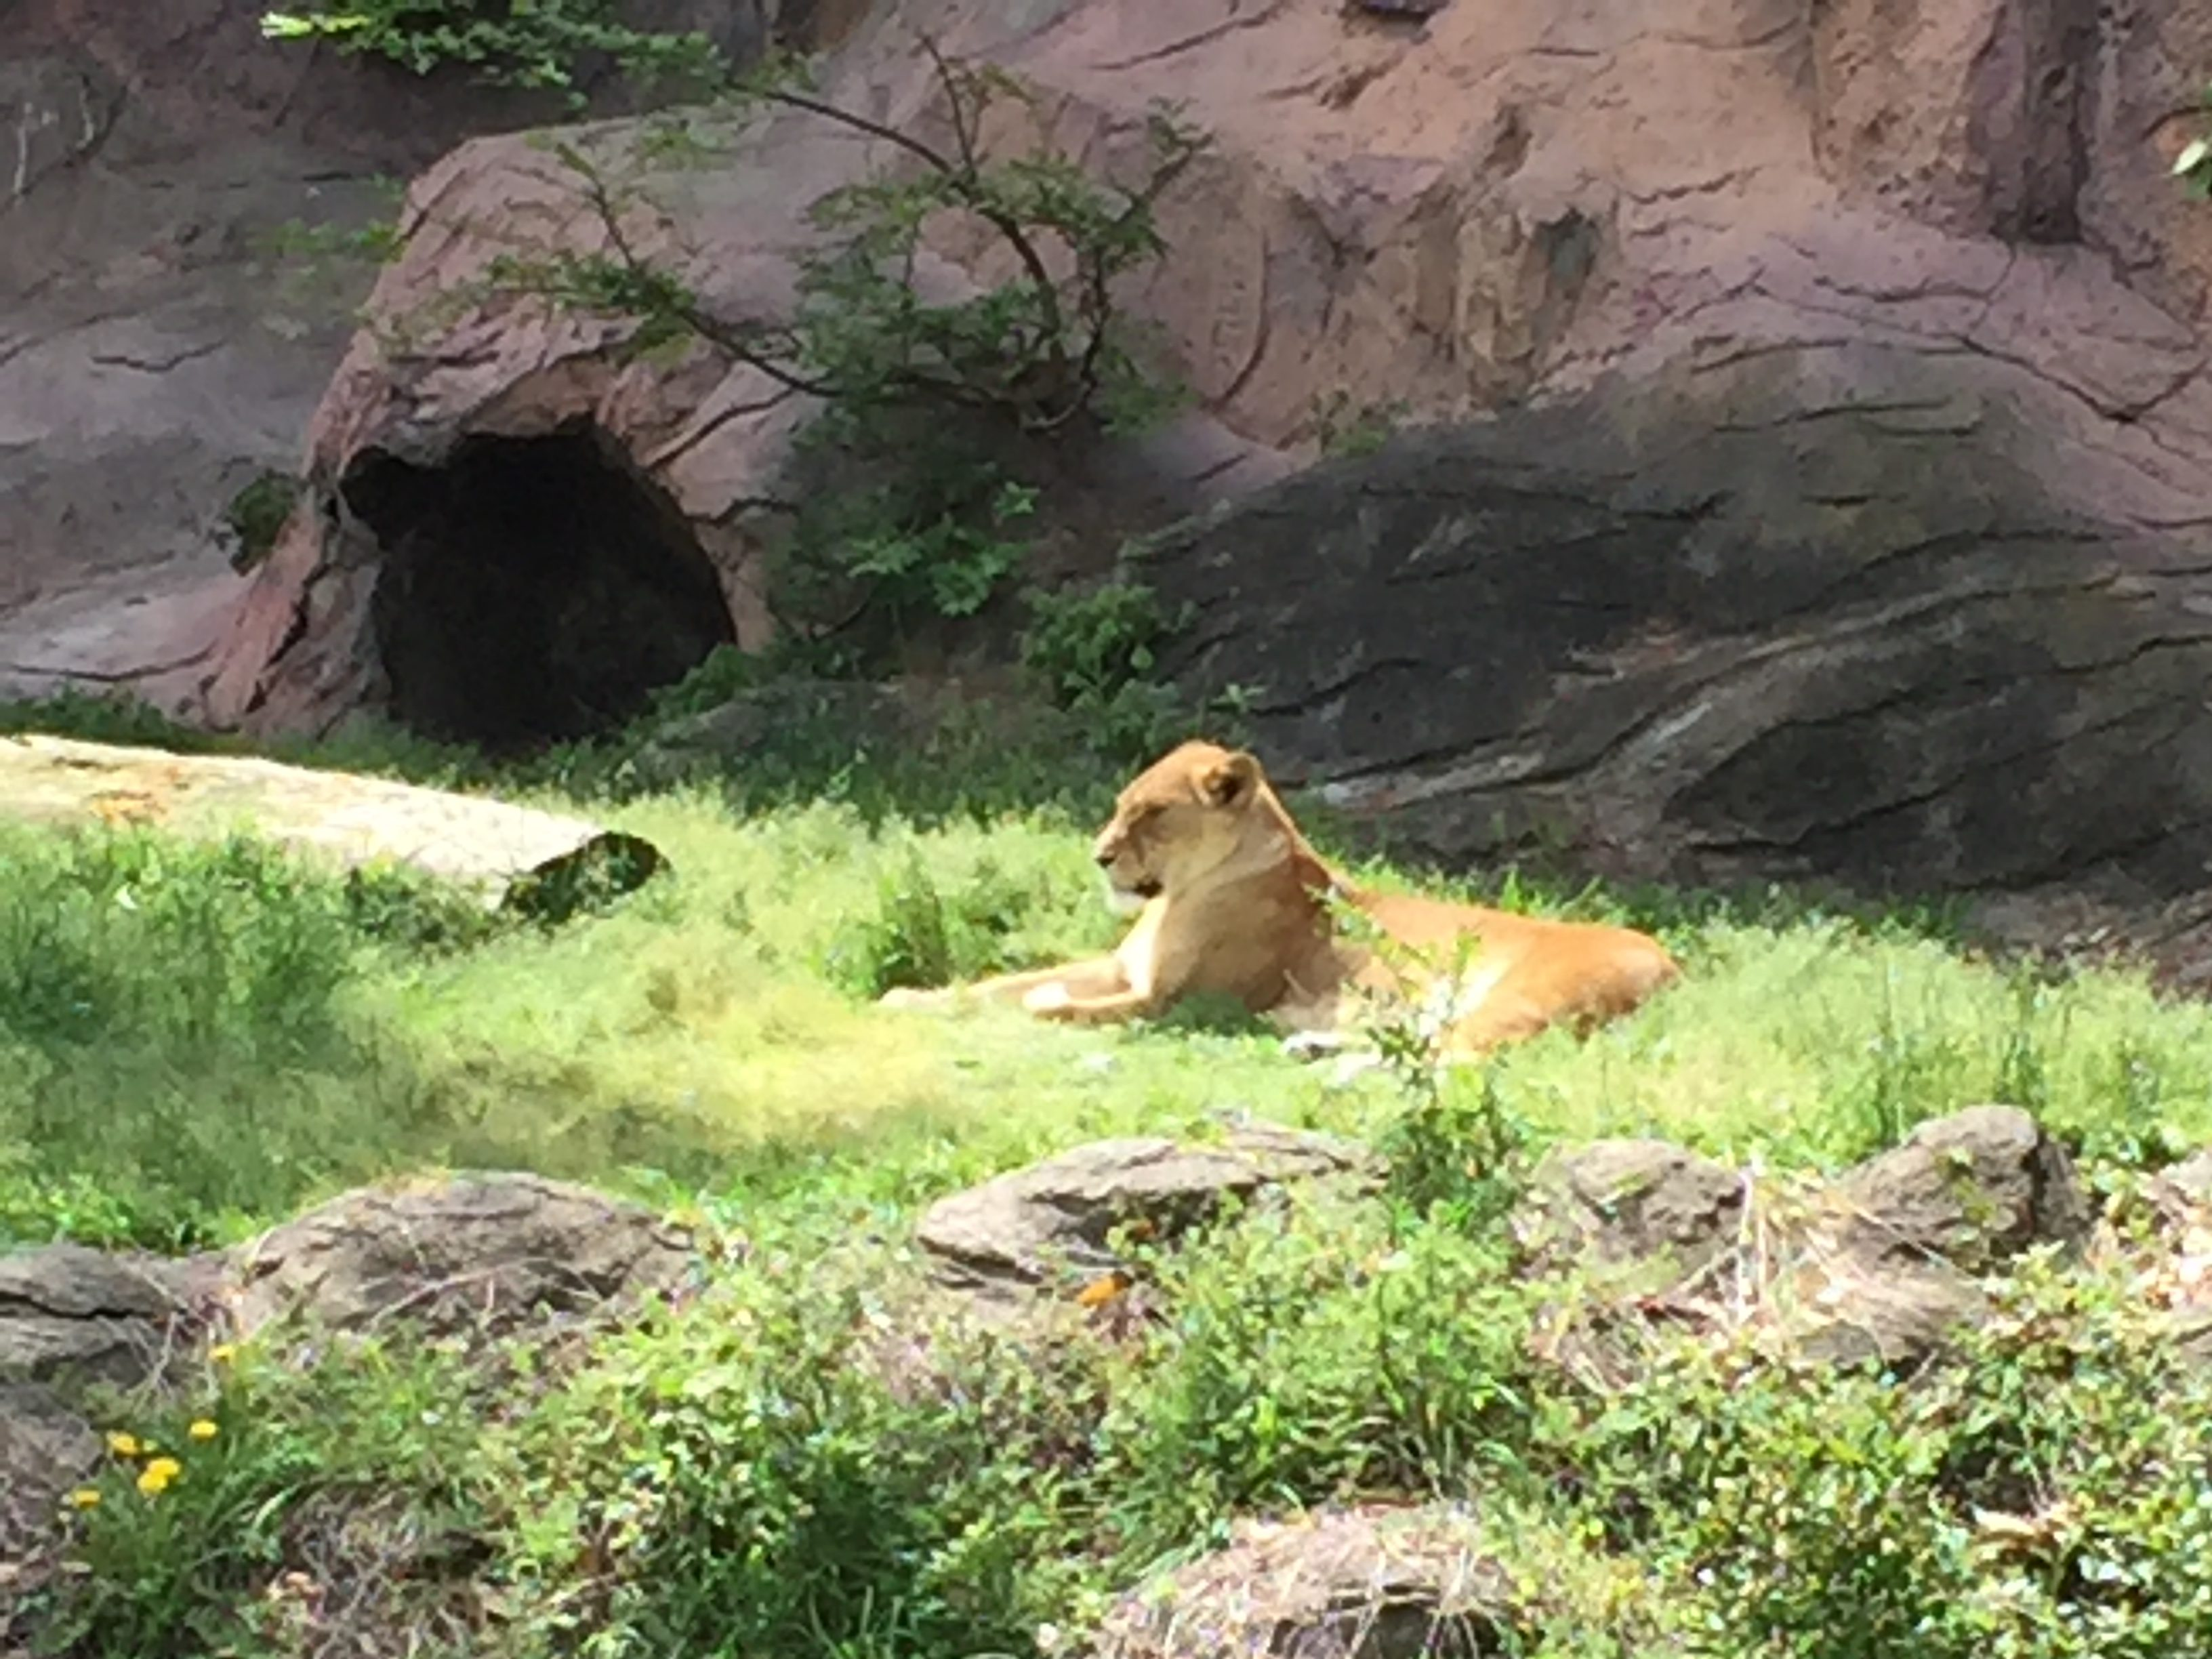 higashiyama-zoo-rion